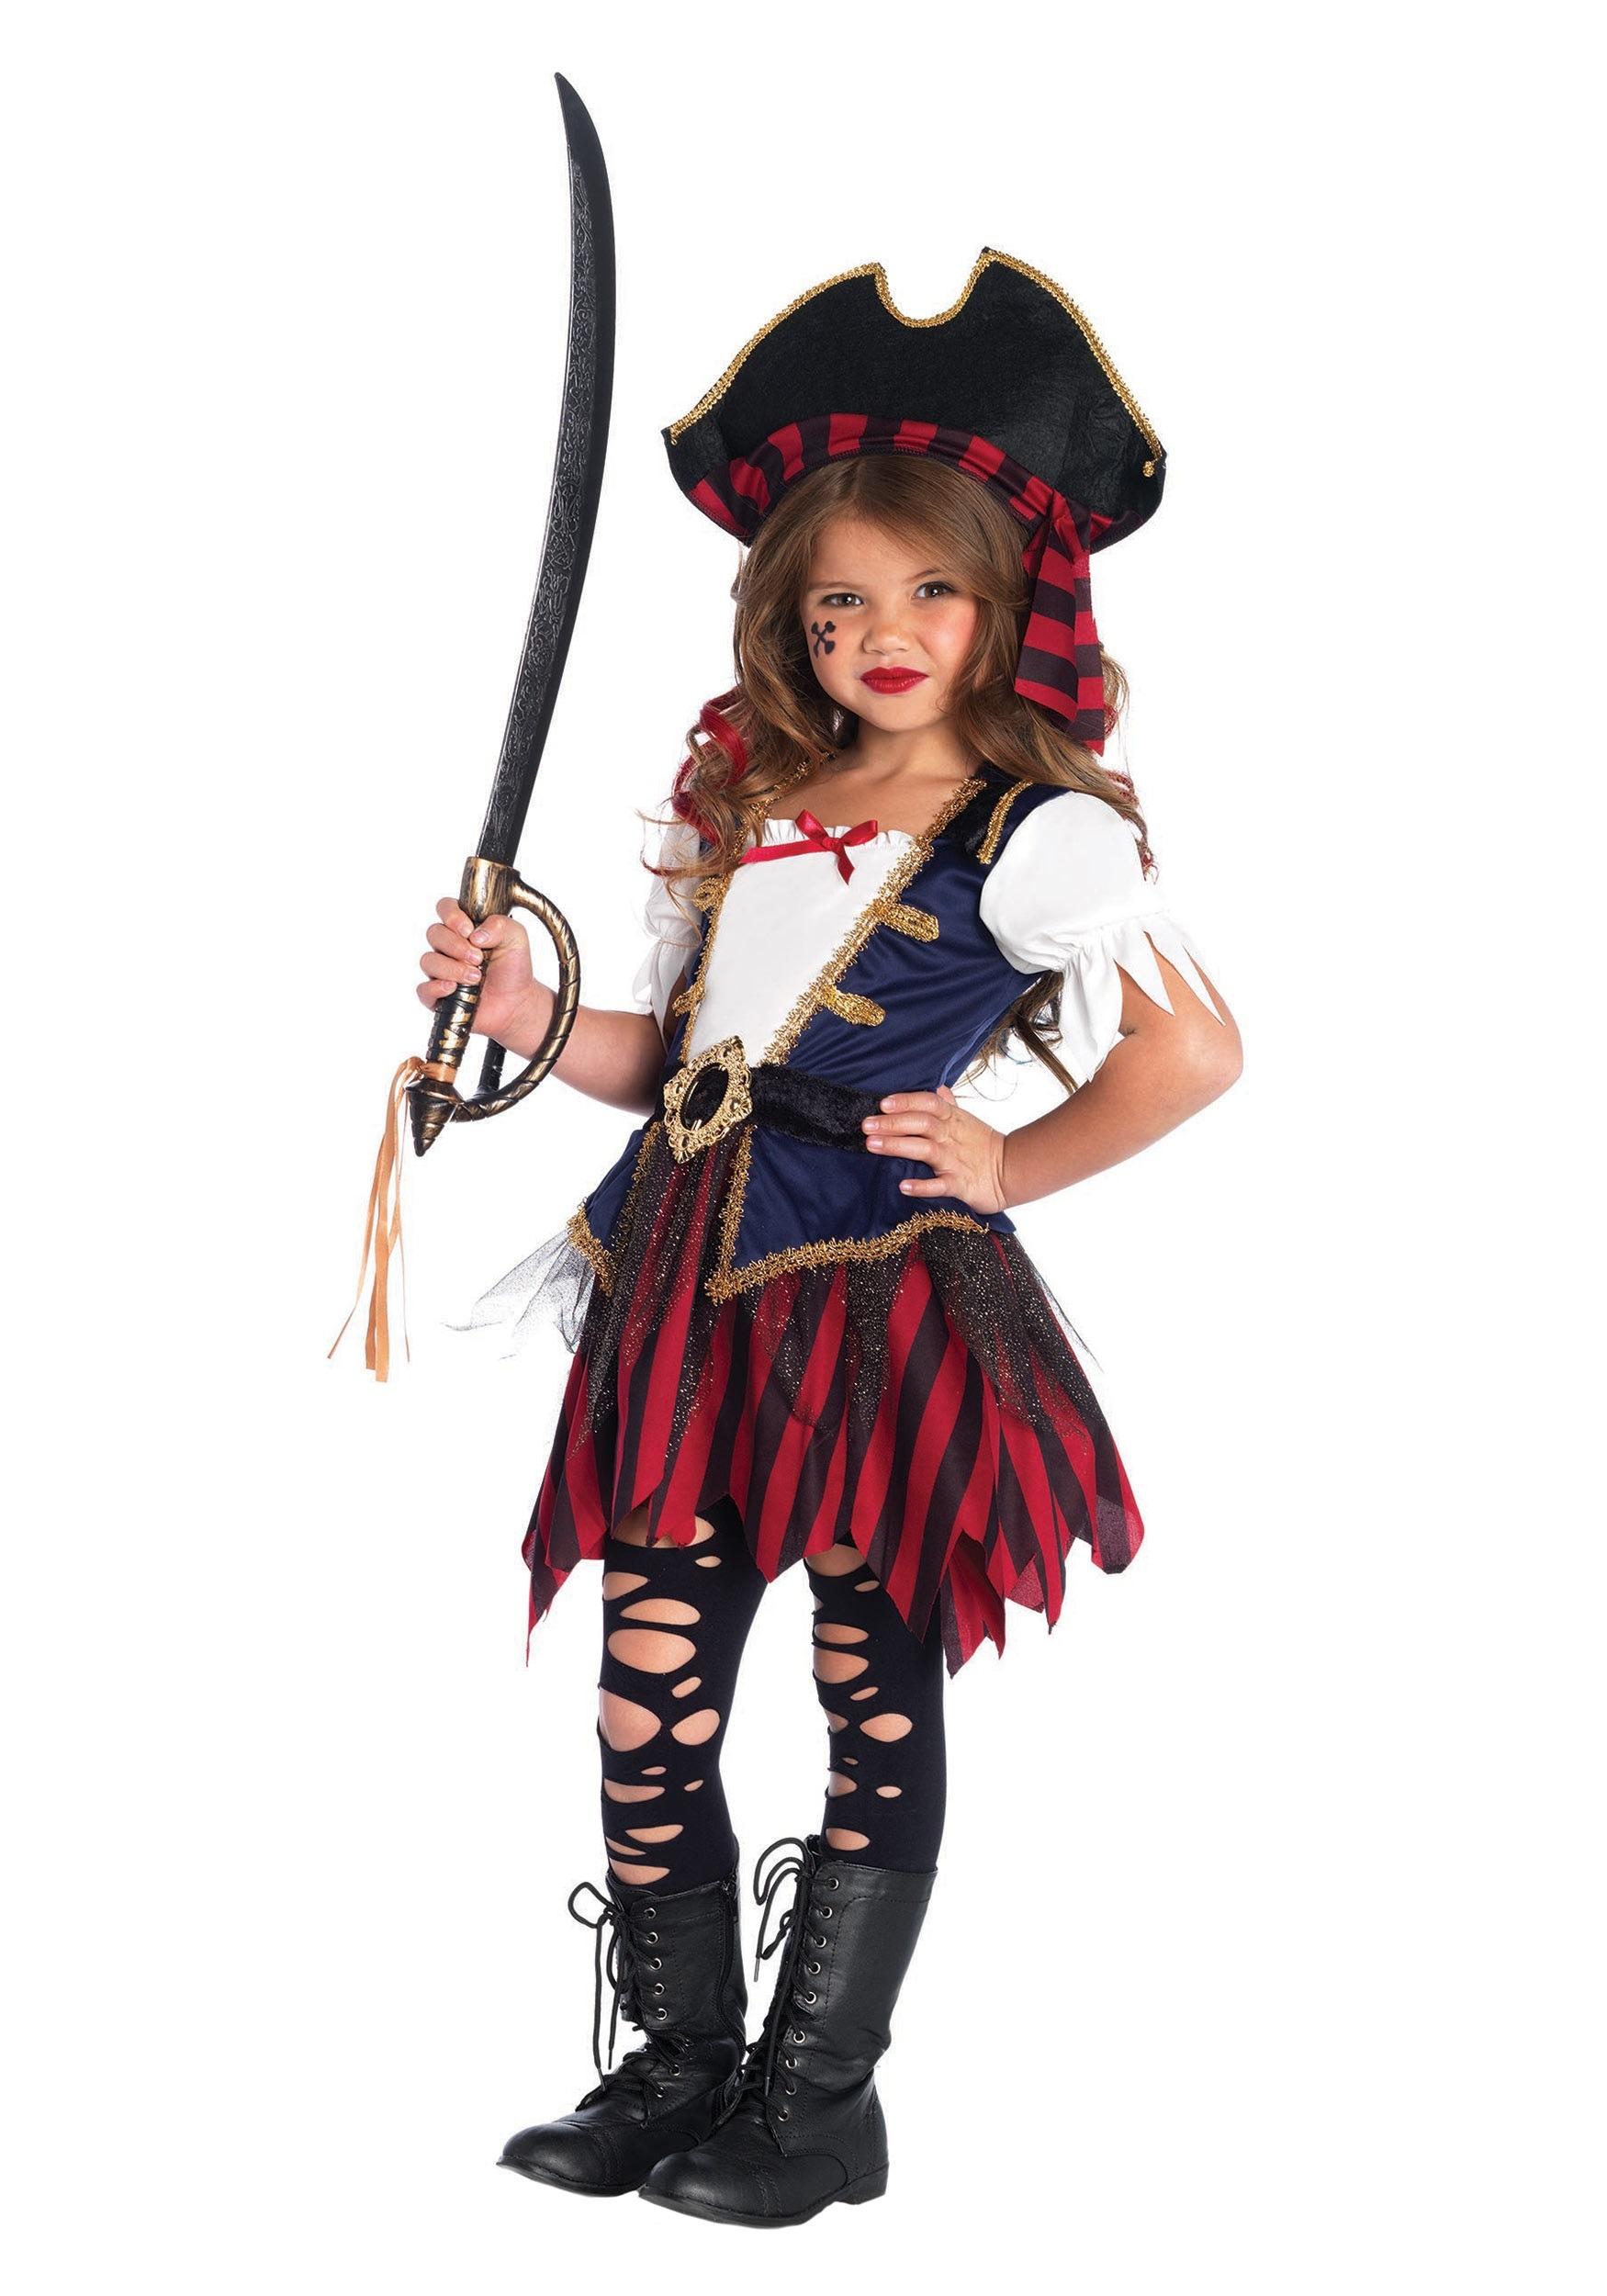 Caribbean Pirate Girl Costume  sc 1 st  Fun.com & Caribbean Pirate Costume for Girls